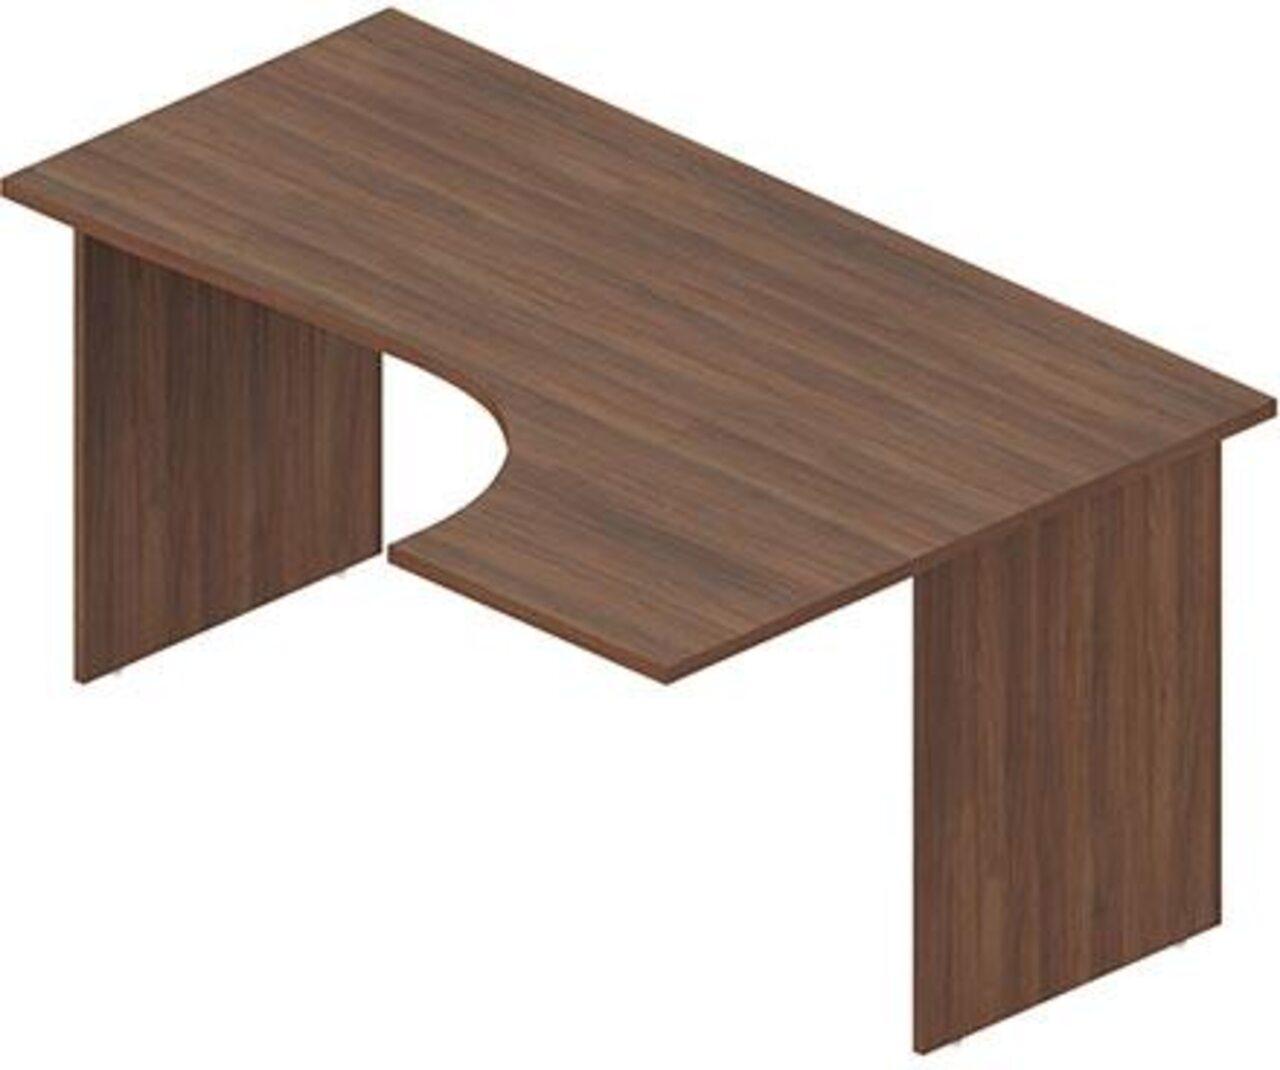 Стол интегральный правый - фото 1